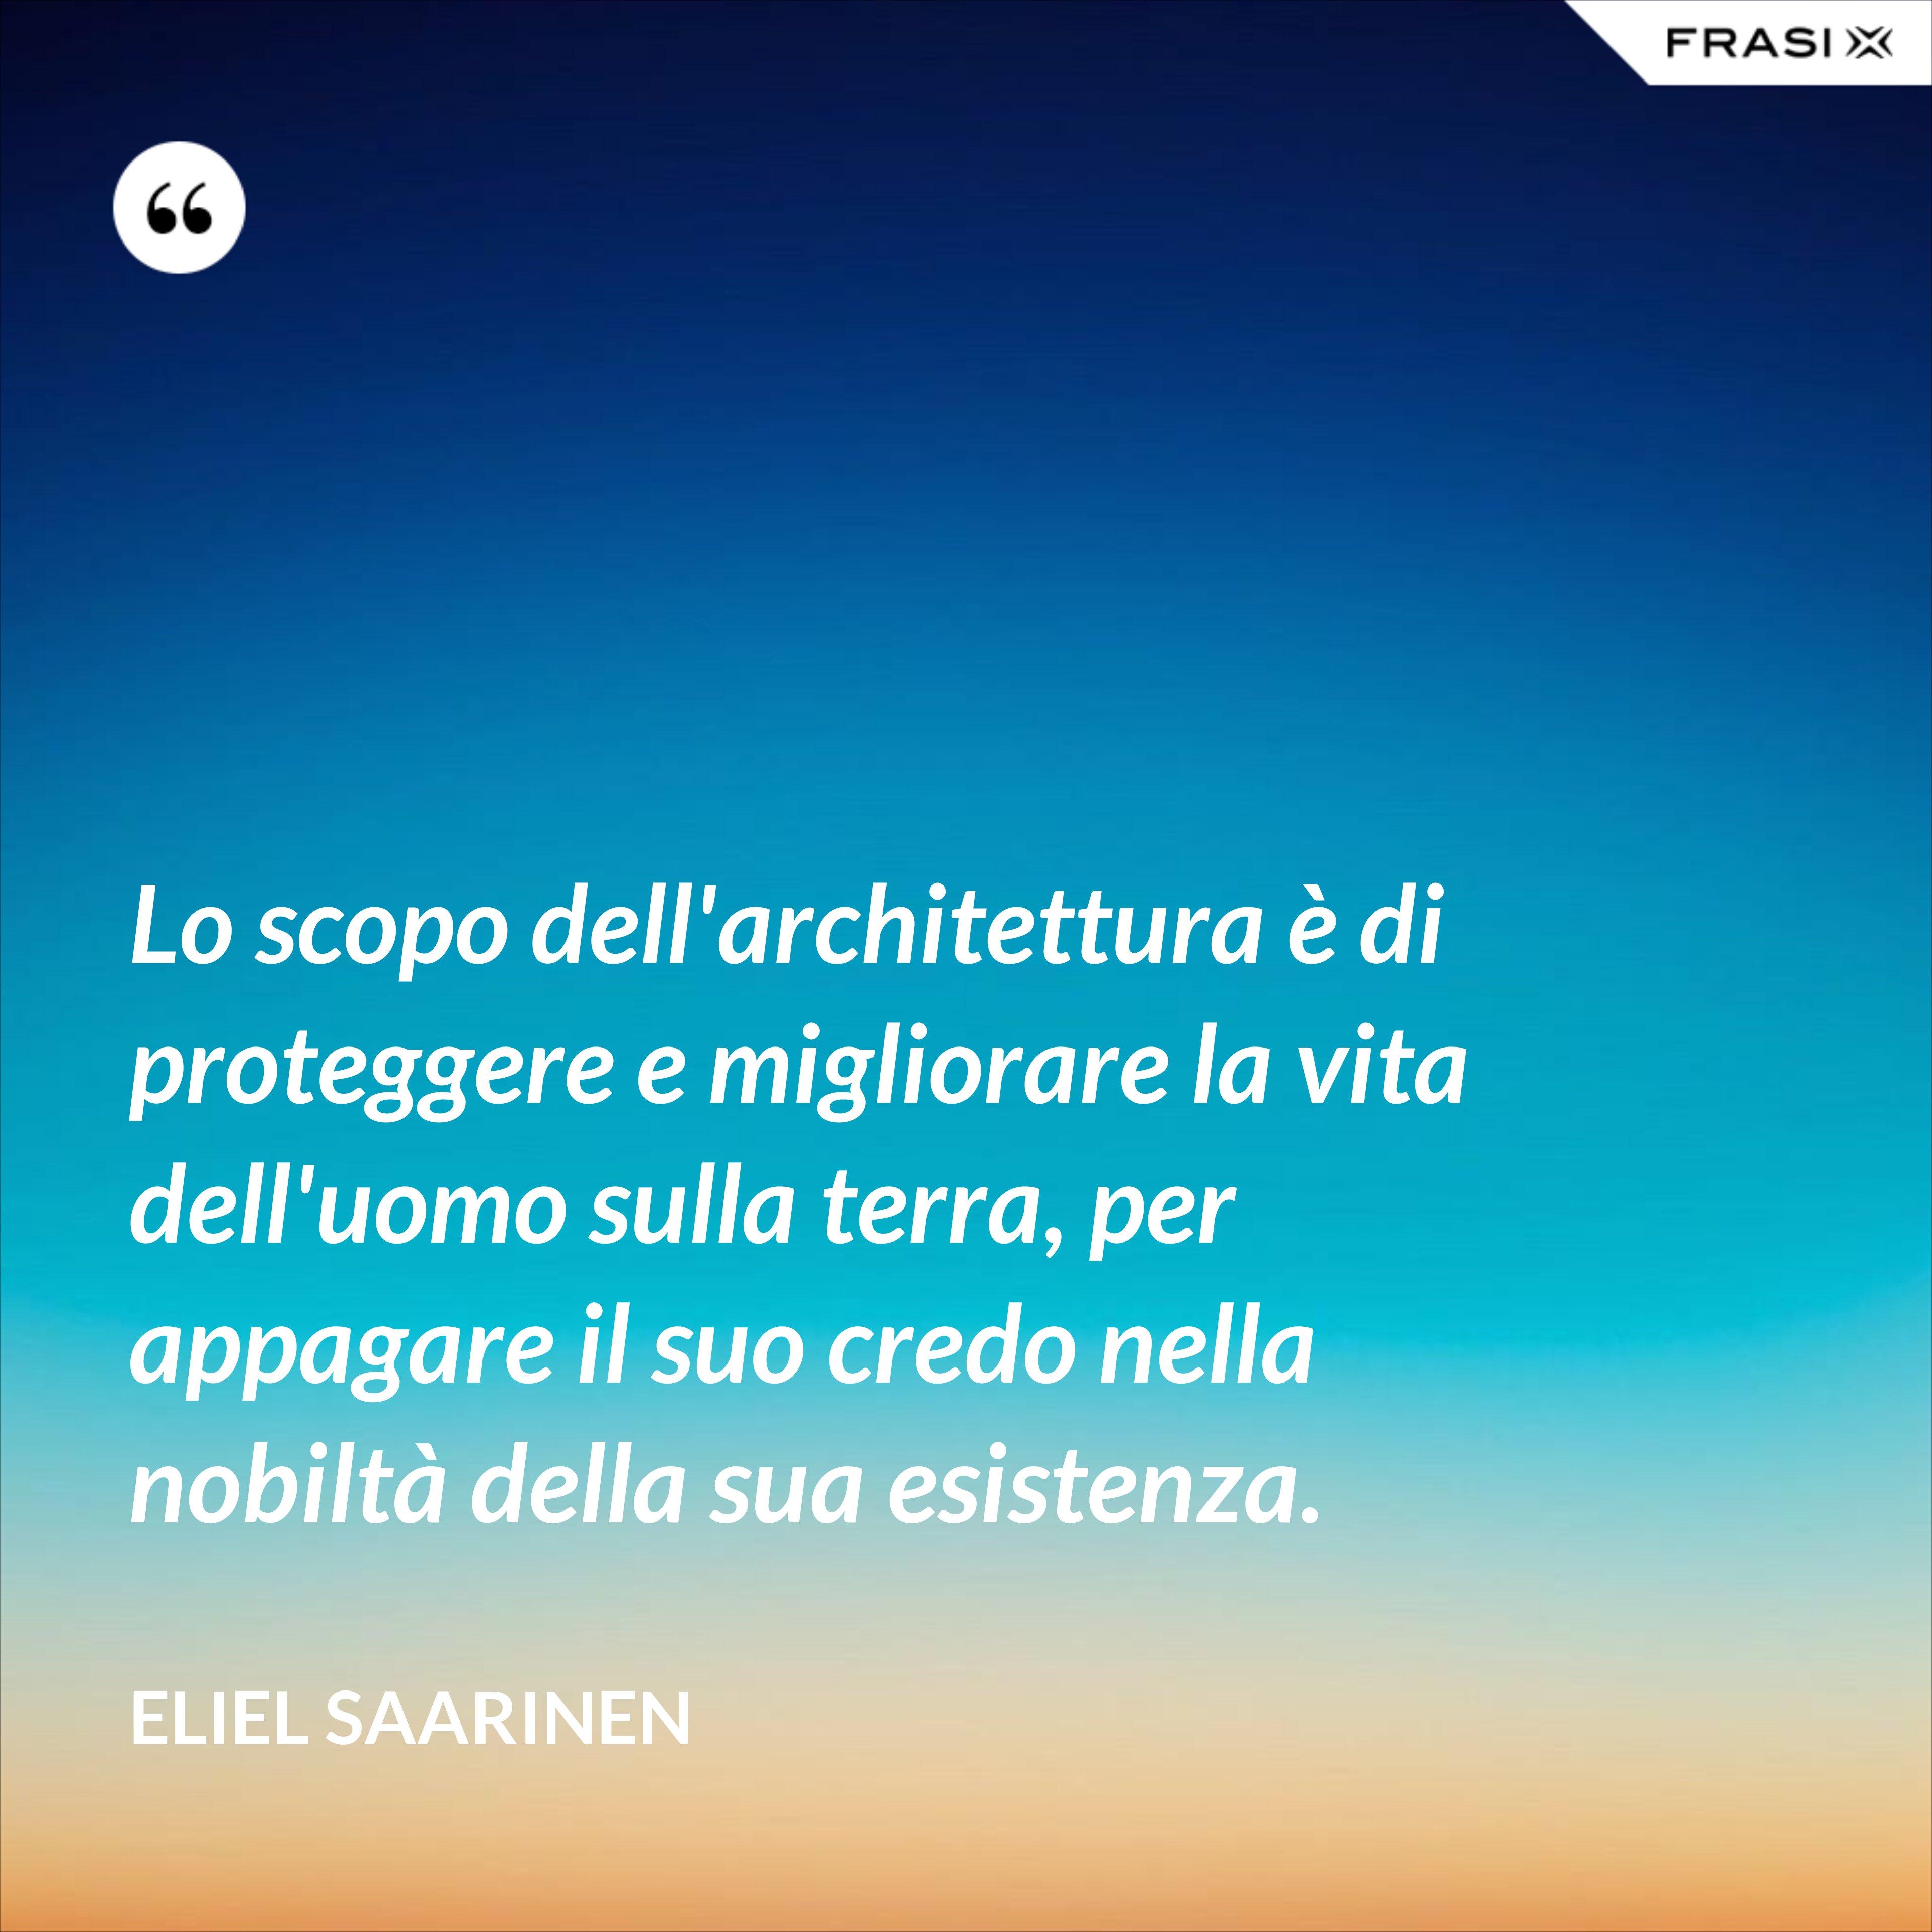 Lo scopo dell'architettura è di proteggere e migliorare la vita dell'uomo sulla terra, per appagare il suo credo nella nobiltà della sua esistenza. - Eliel Saarinen